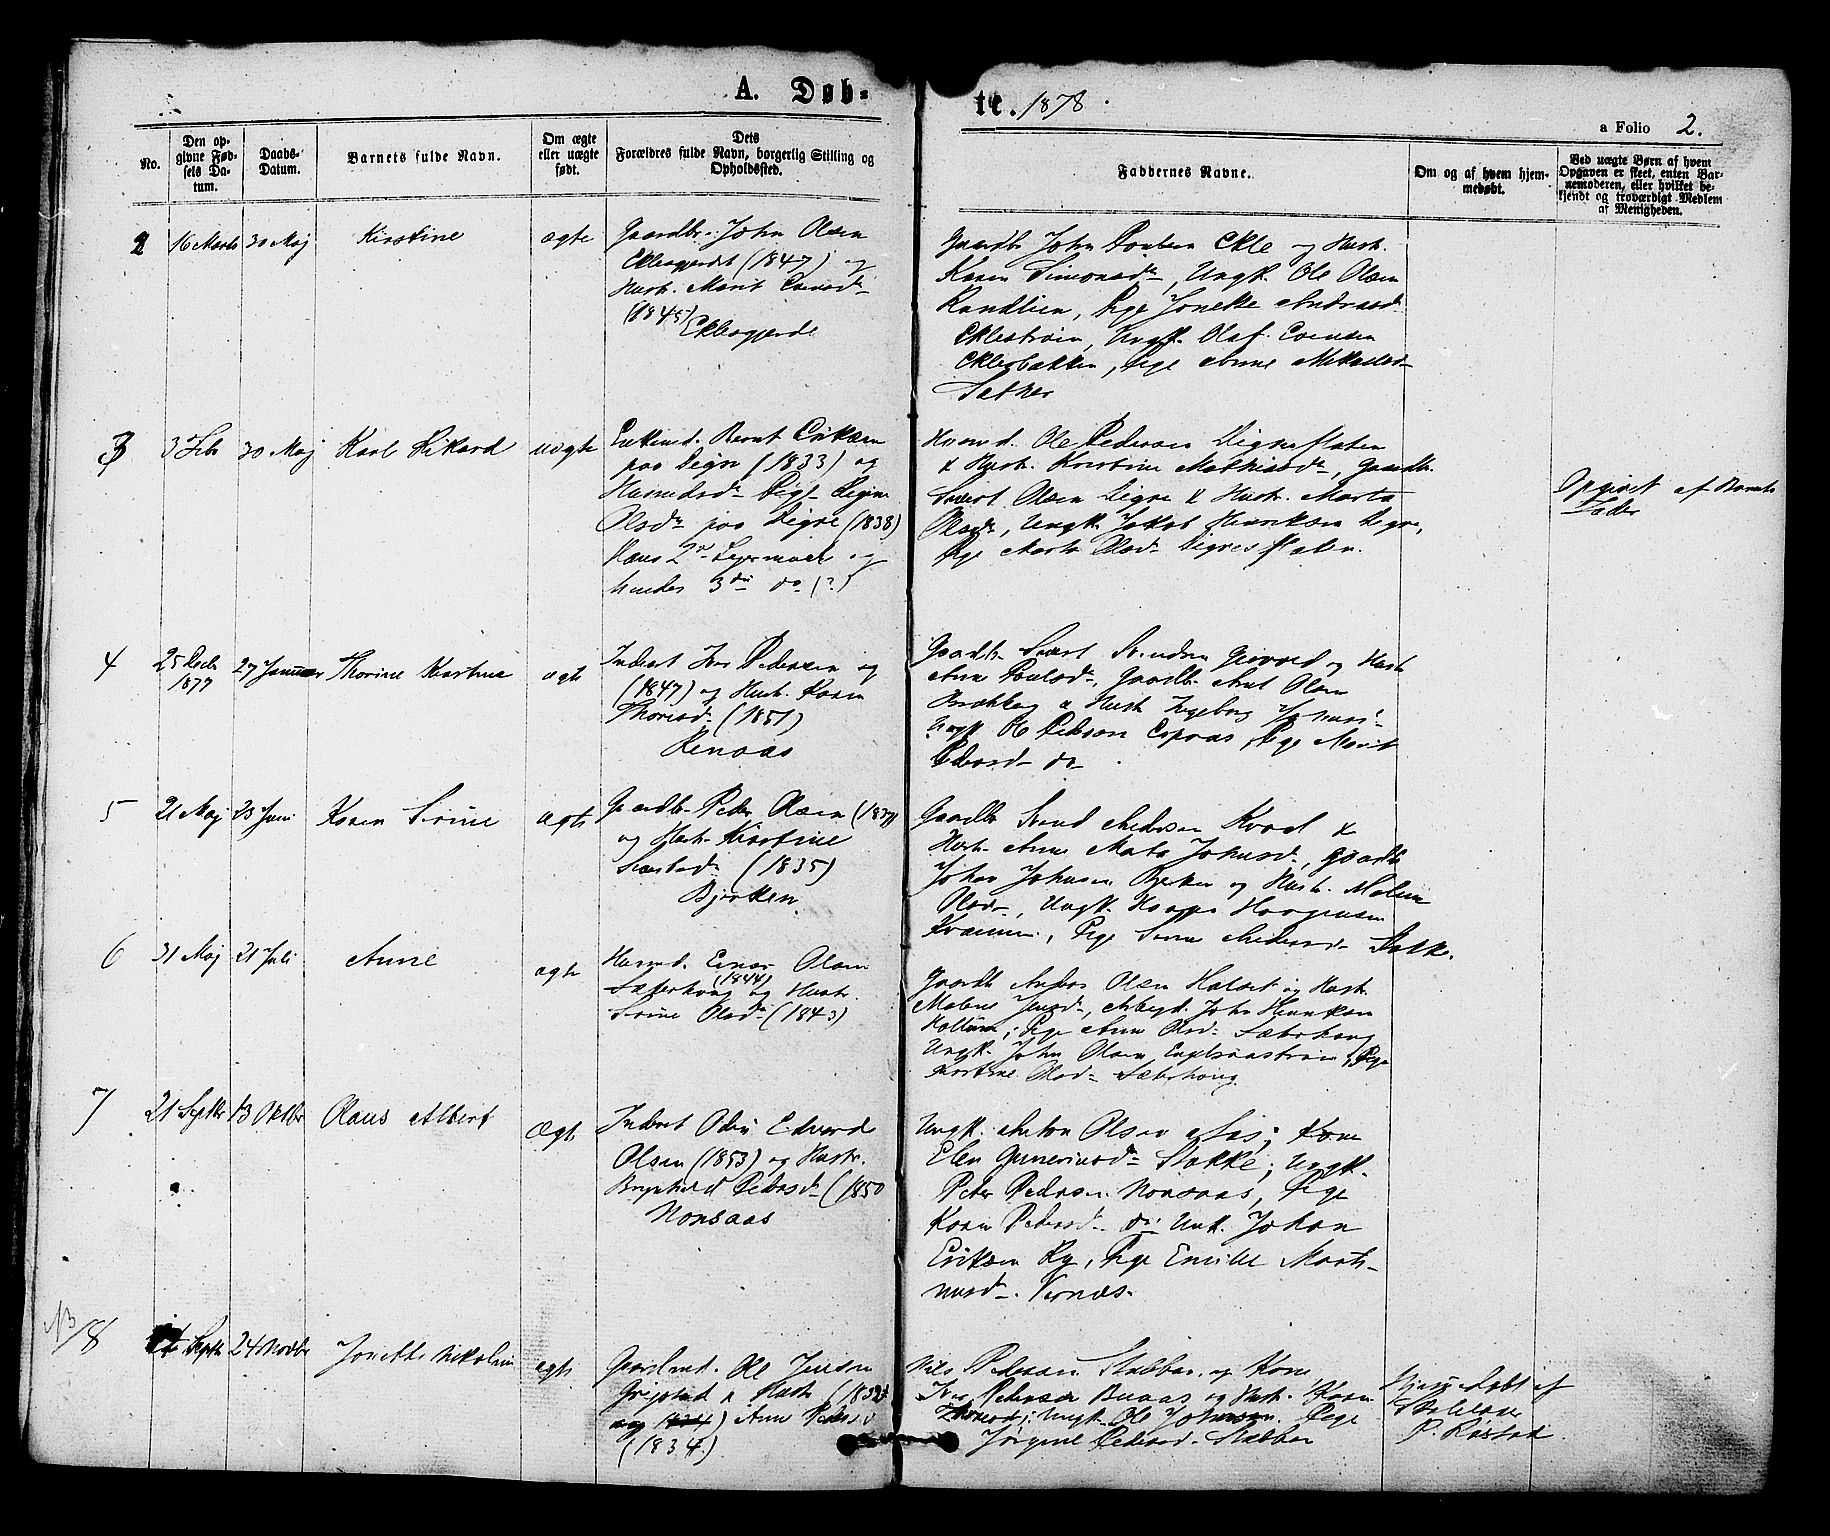 SAT, Ministerialprotokoller, klokkerbøker og fødselsregistre - Sør-Trøndelag, 608/L0334: Ministerialbok nr. 608A03, 1877-1886, s. 2